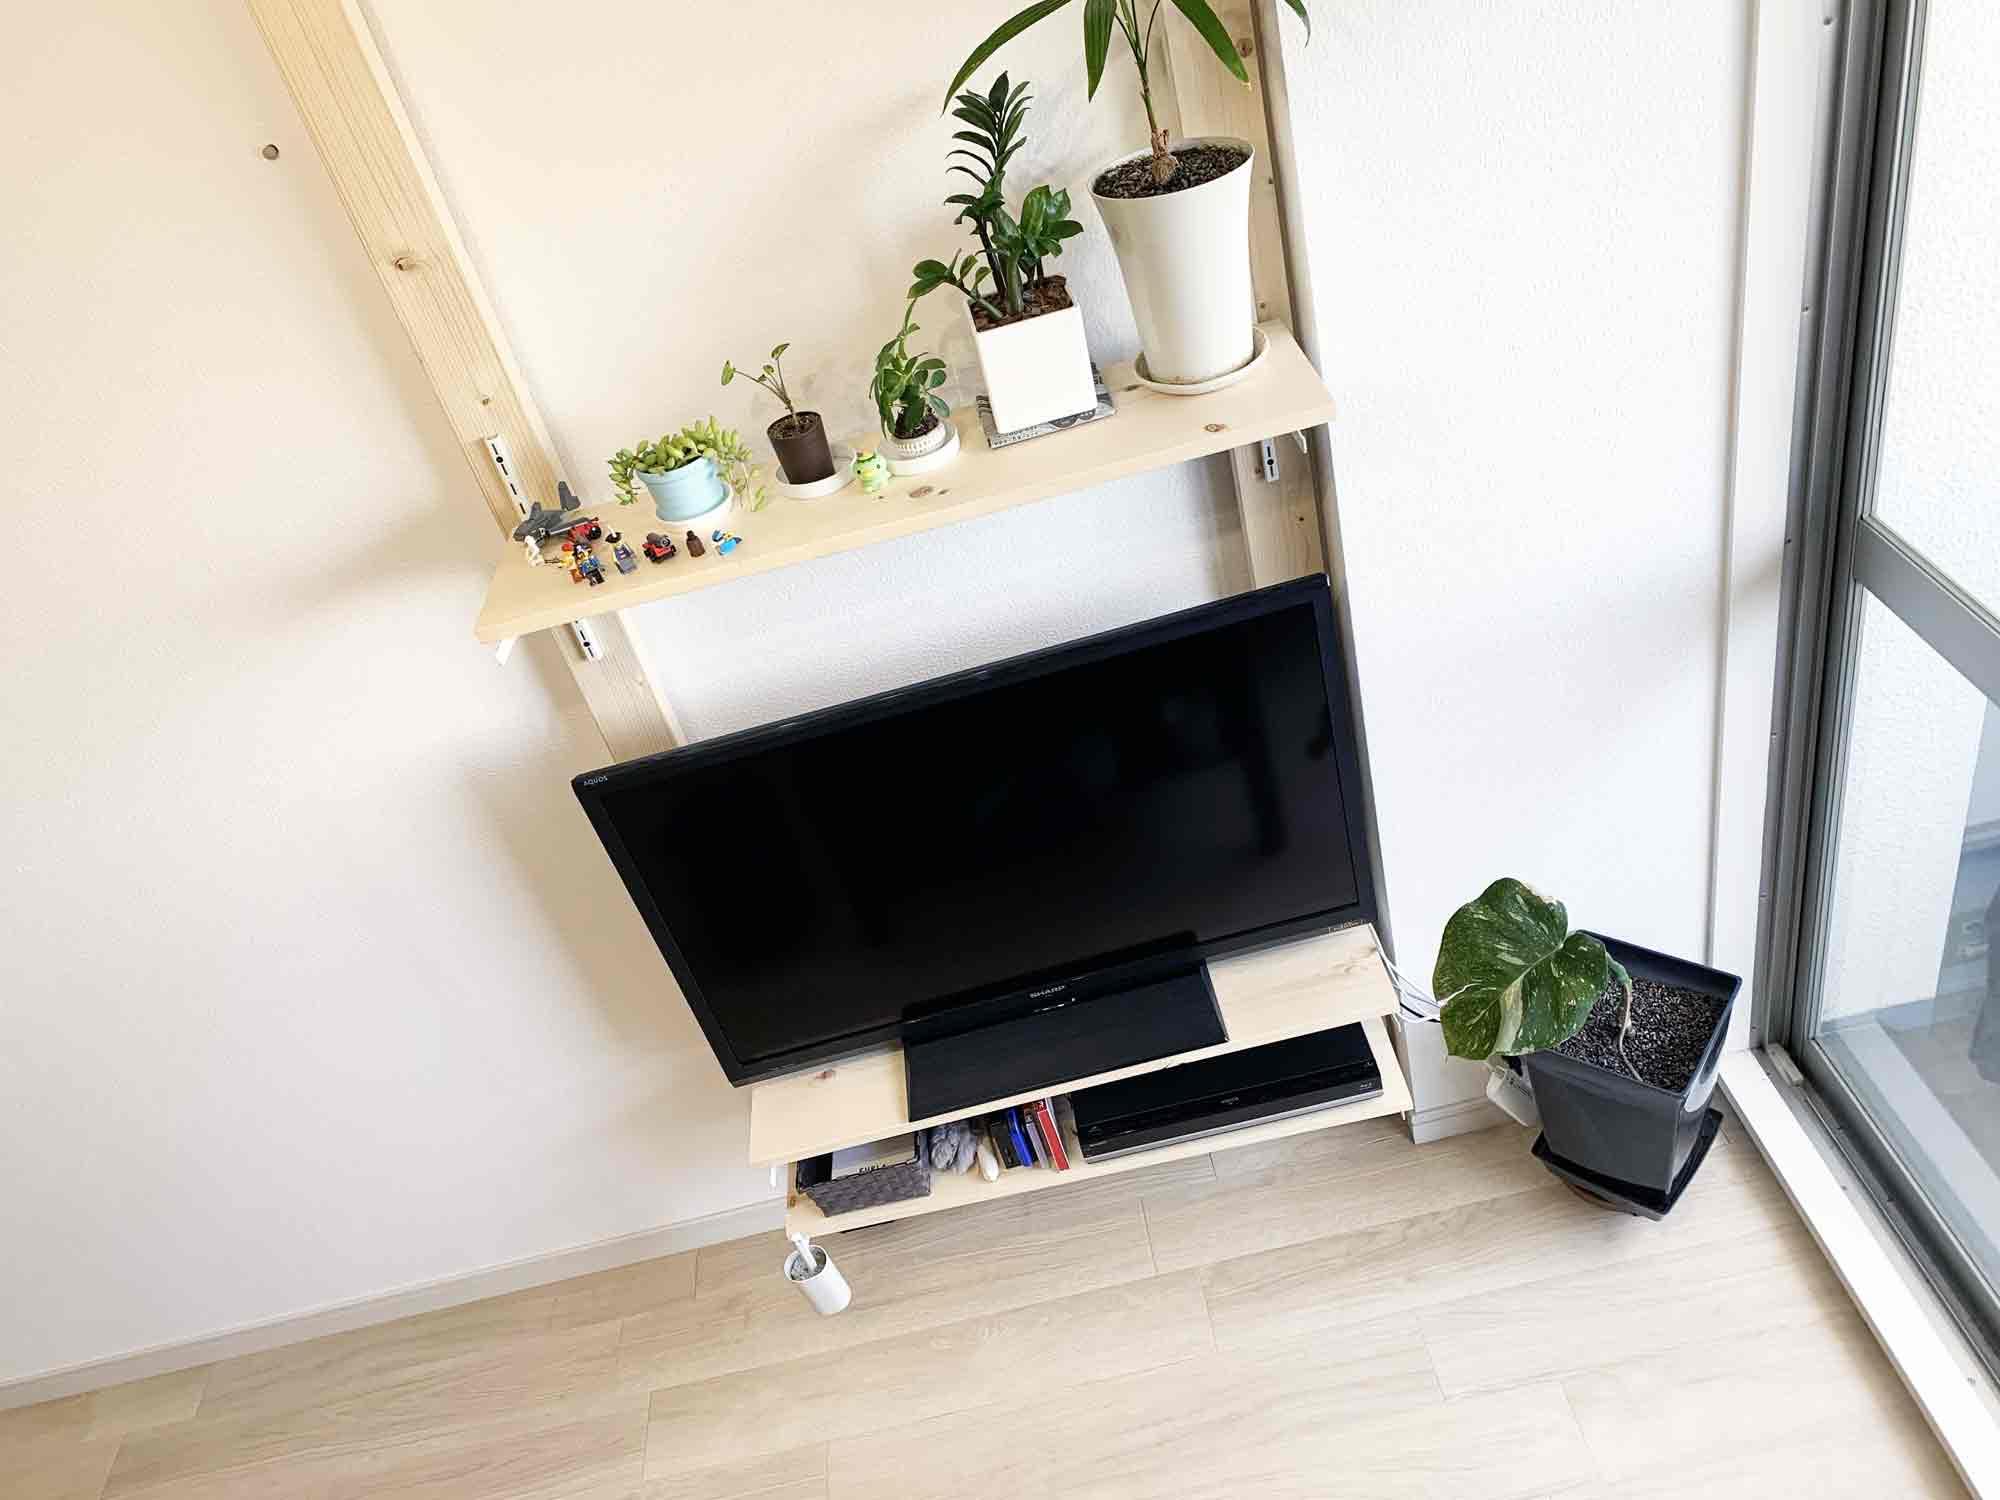 穴を開けずに賃貸物件の壁に2×4材のテレビ棚を設置